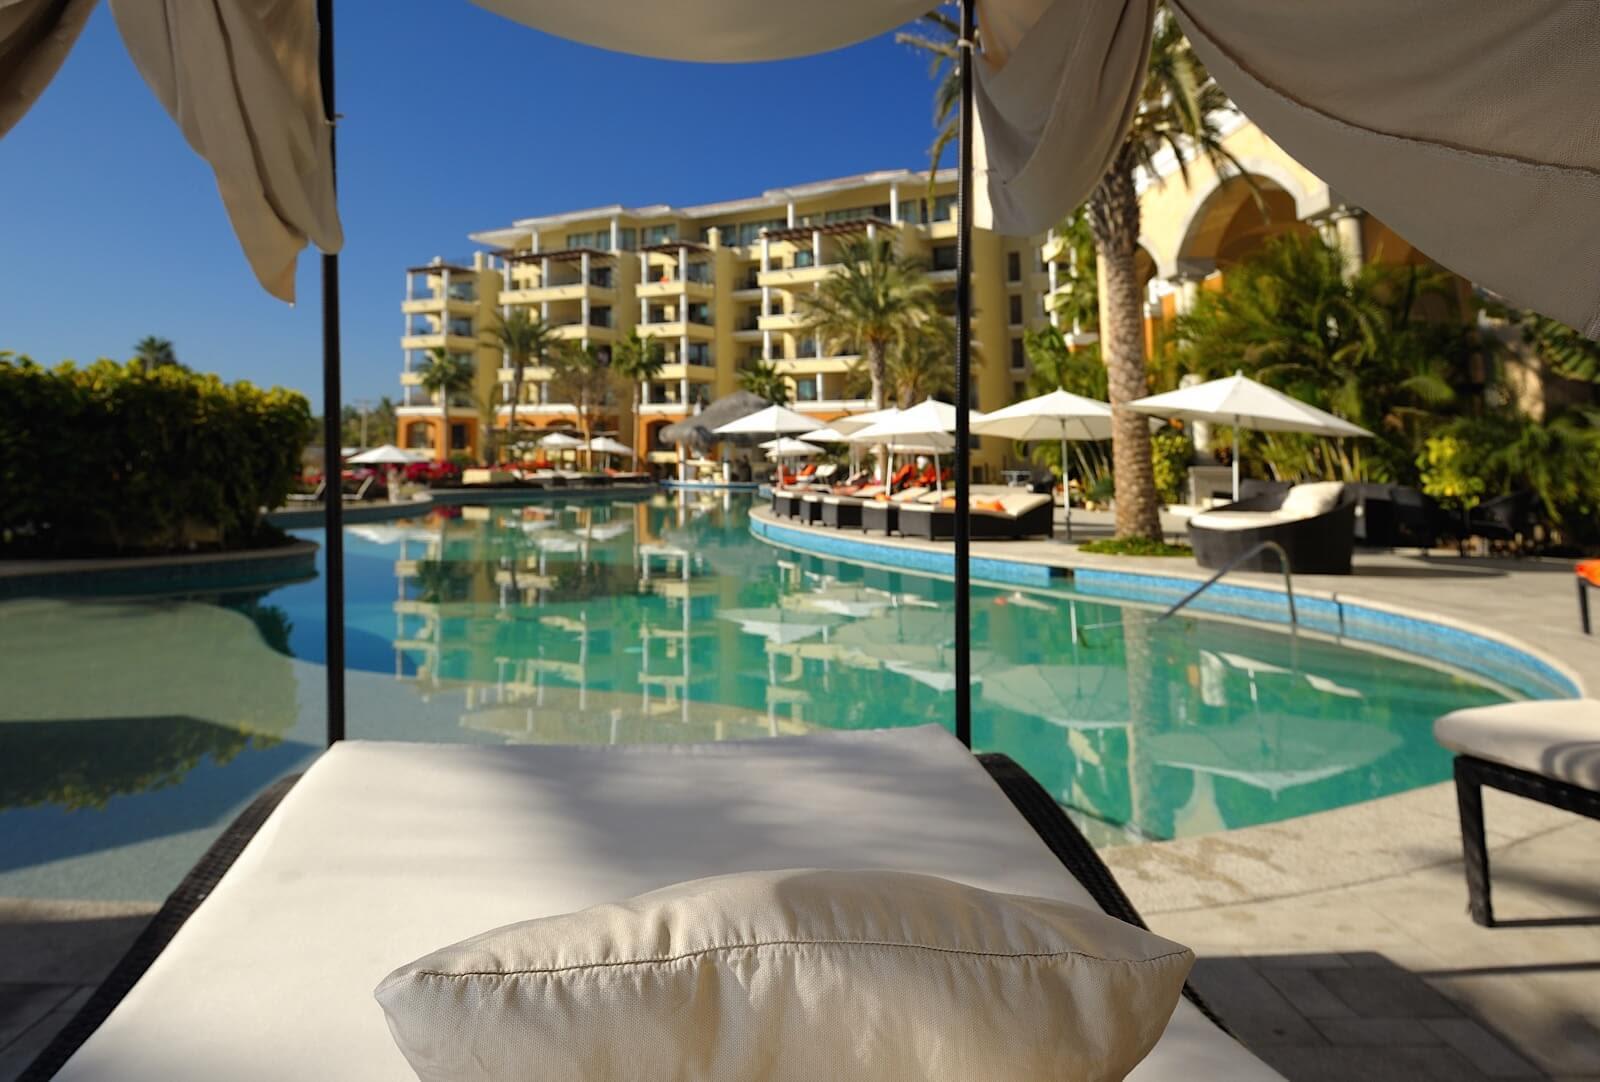 RCI Resort Membership